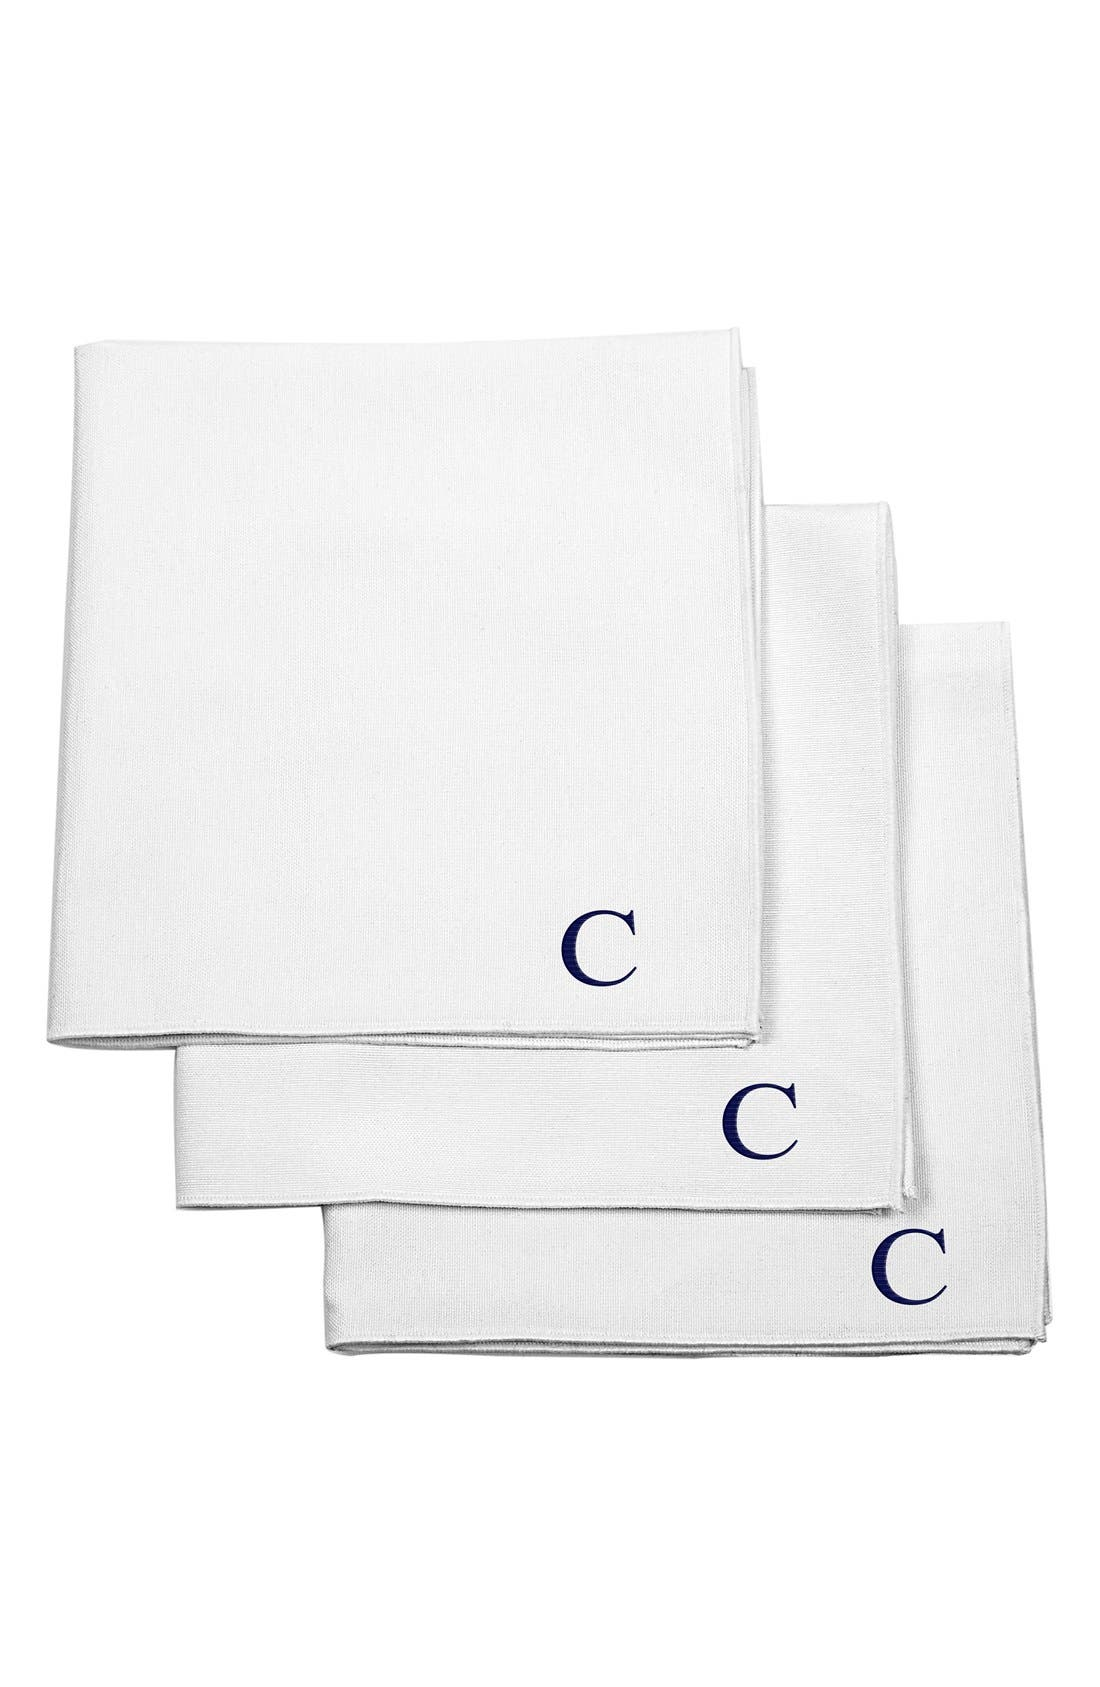 Set of 3 Monogram Cotton Pocket Squares,                             Main thumbnail 1, color,                             C